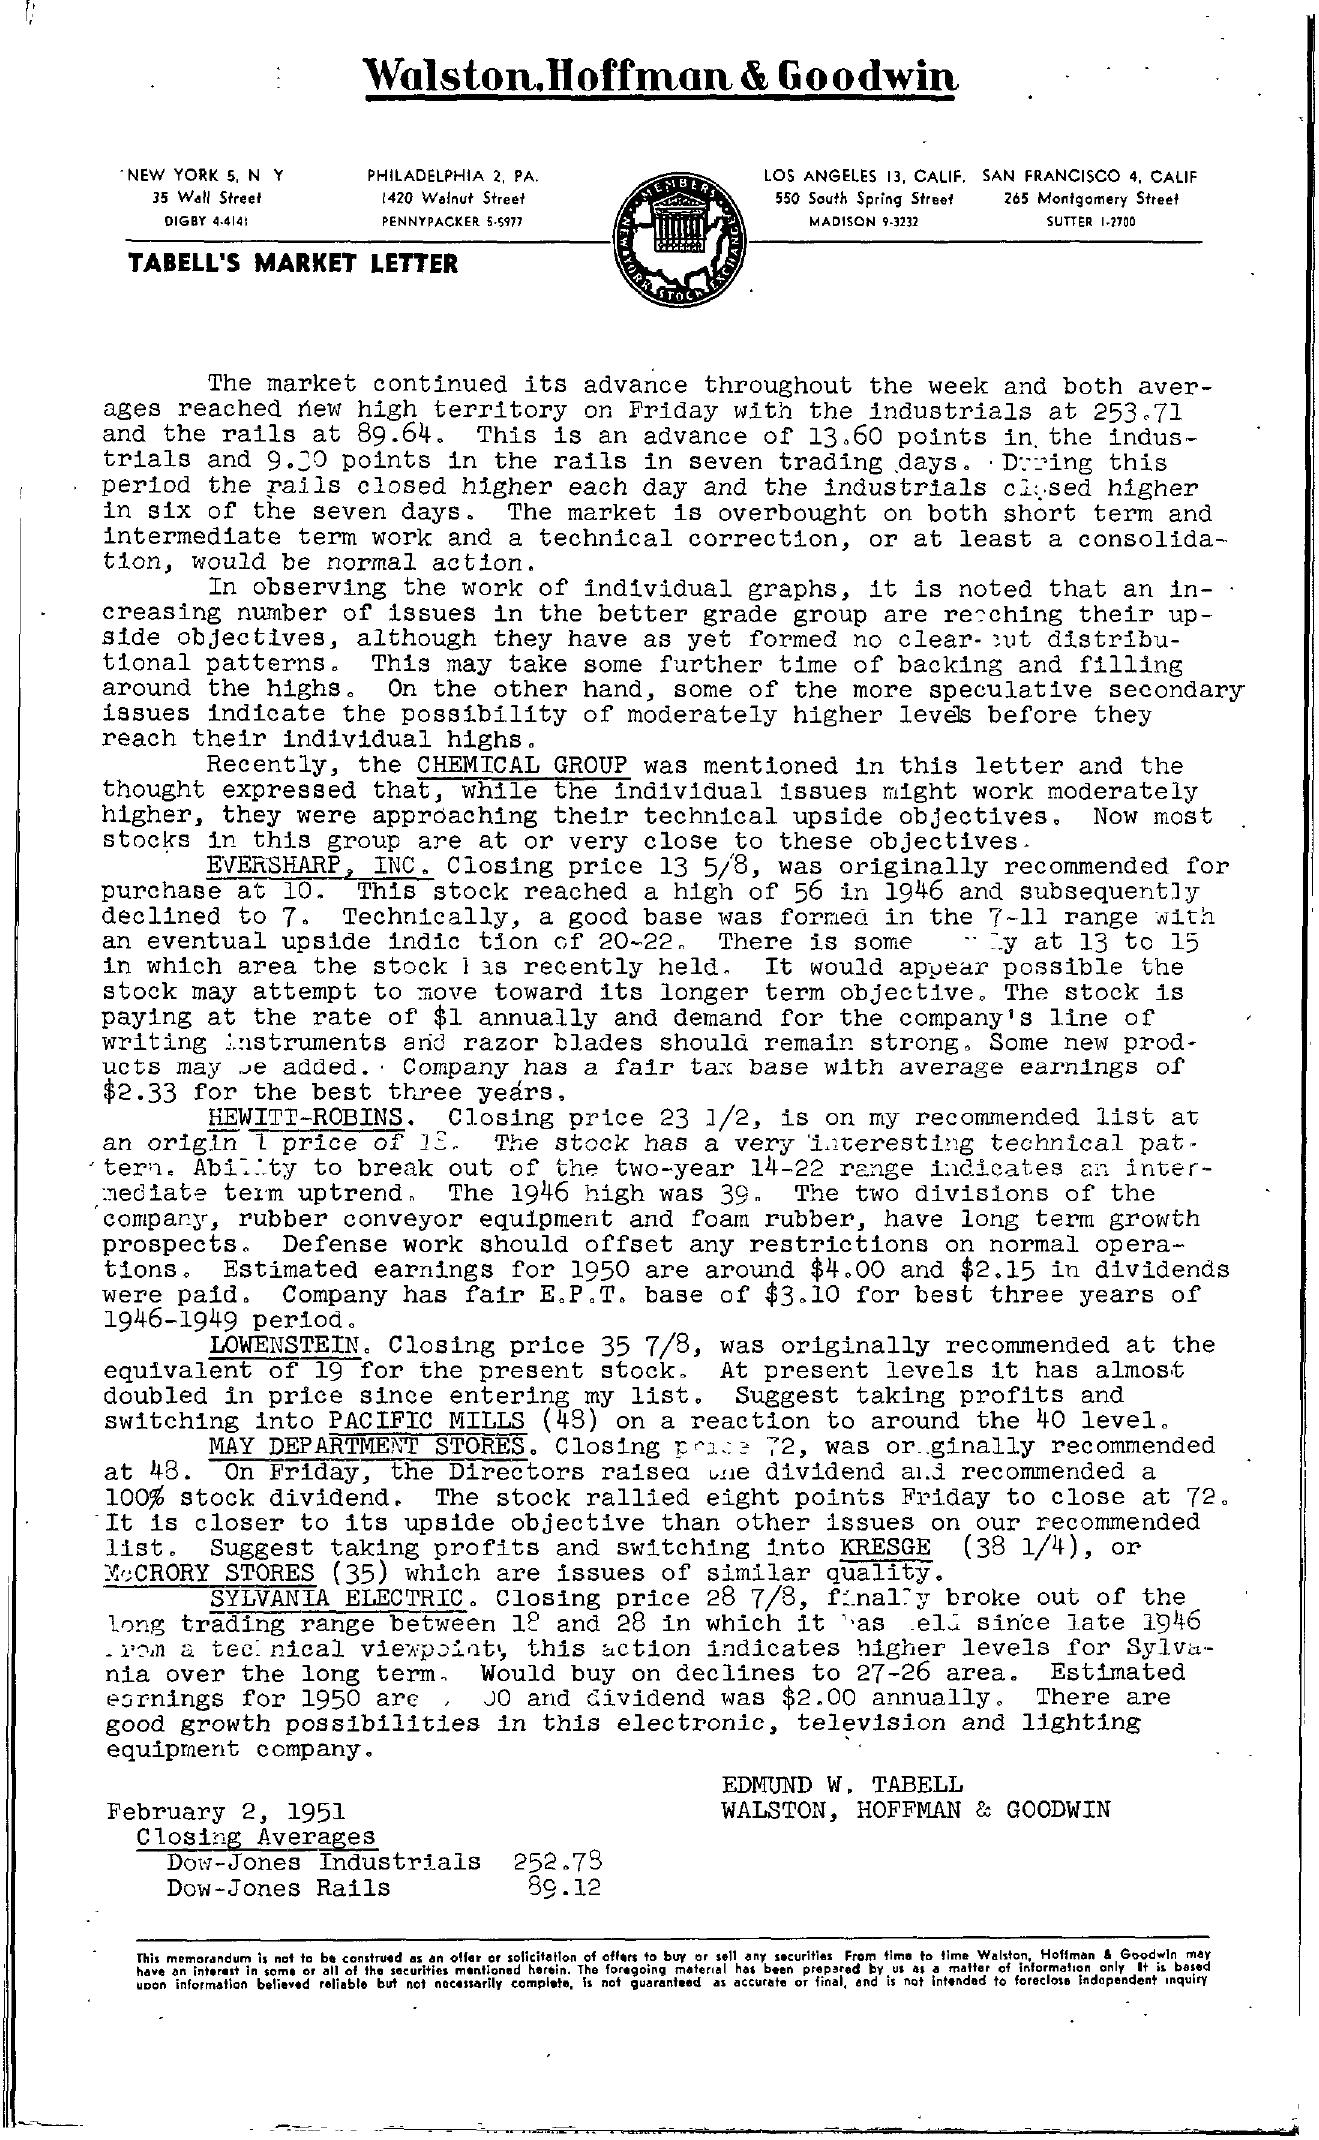 Tabell's Market Letter - February 02, 1951